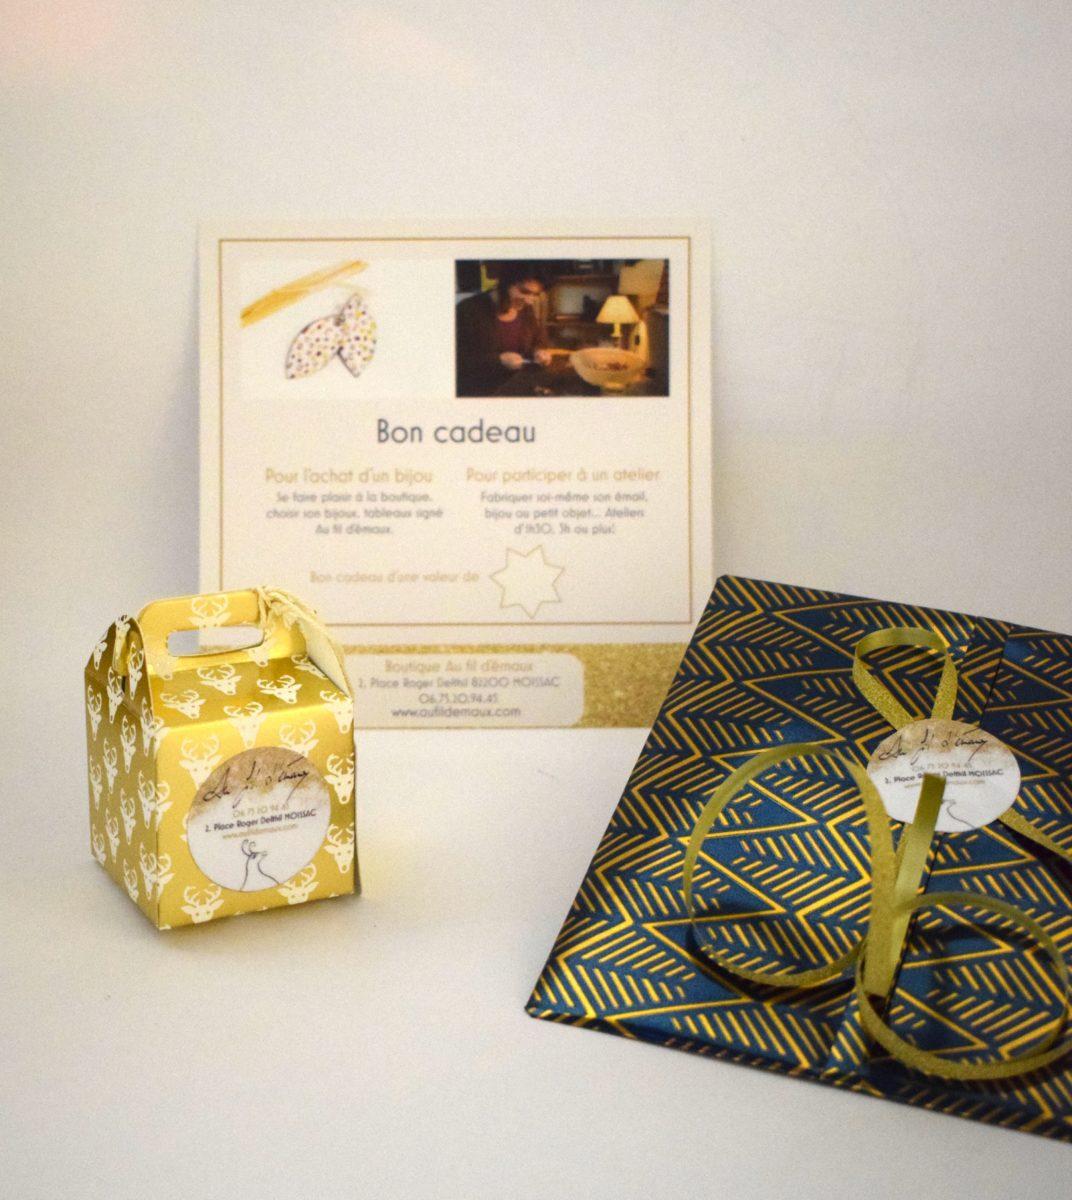 Bon cadeau pour offrir un atelier bijou